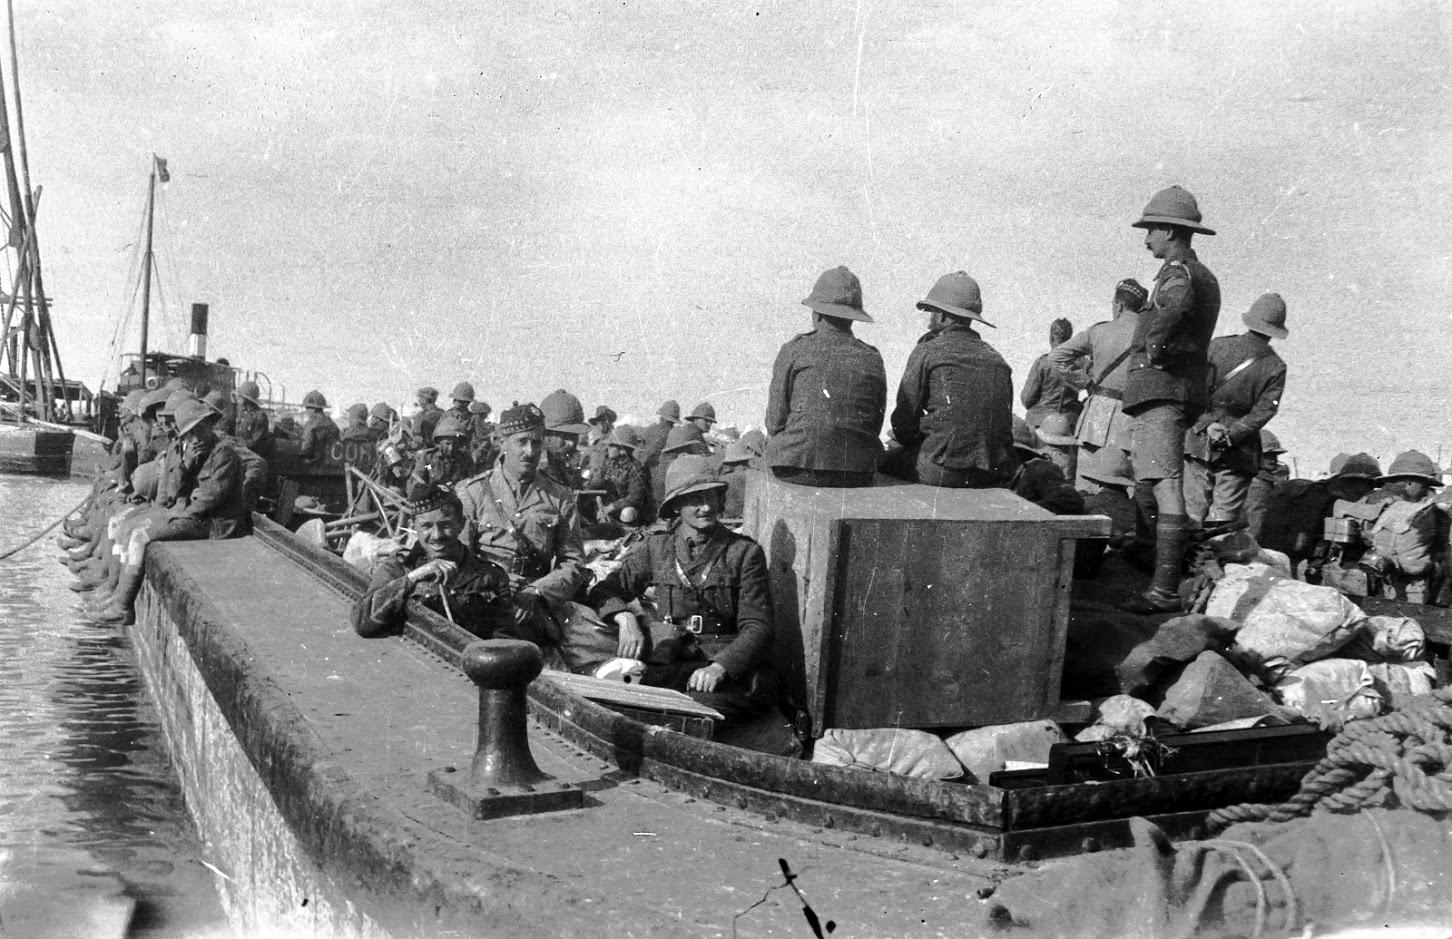 7th Royal Scots Moving By Barge From Balah (Deir al Balah) to Kantara (El Qantara) During The Sinai And Palestine Campaign c.1917